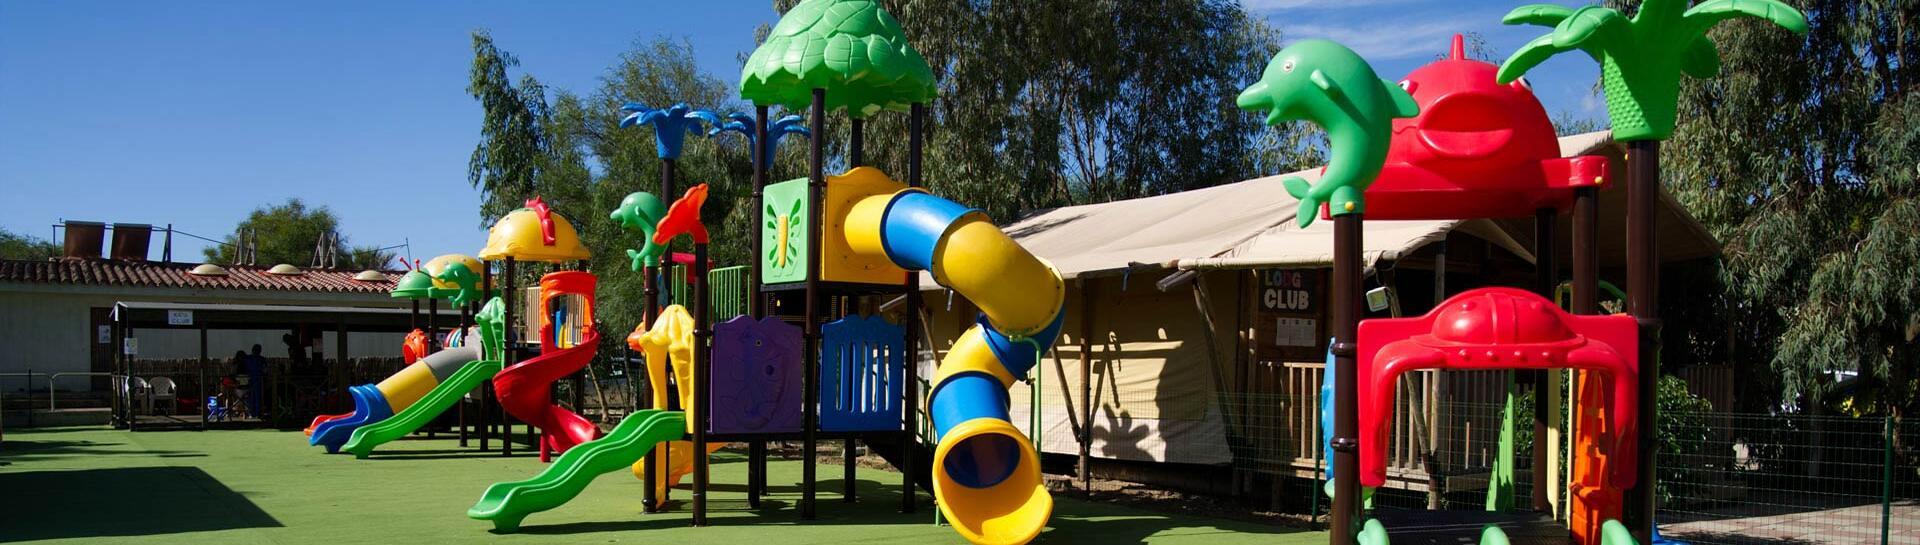 4mori en children-camping-resort-muravera 013